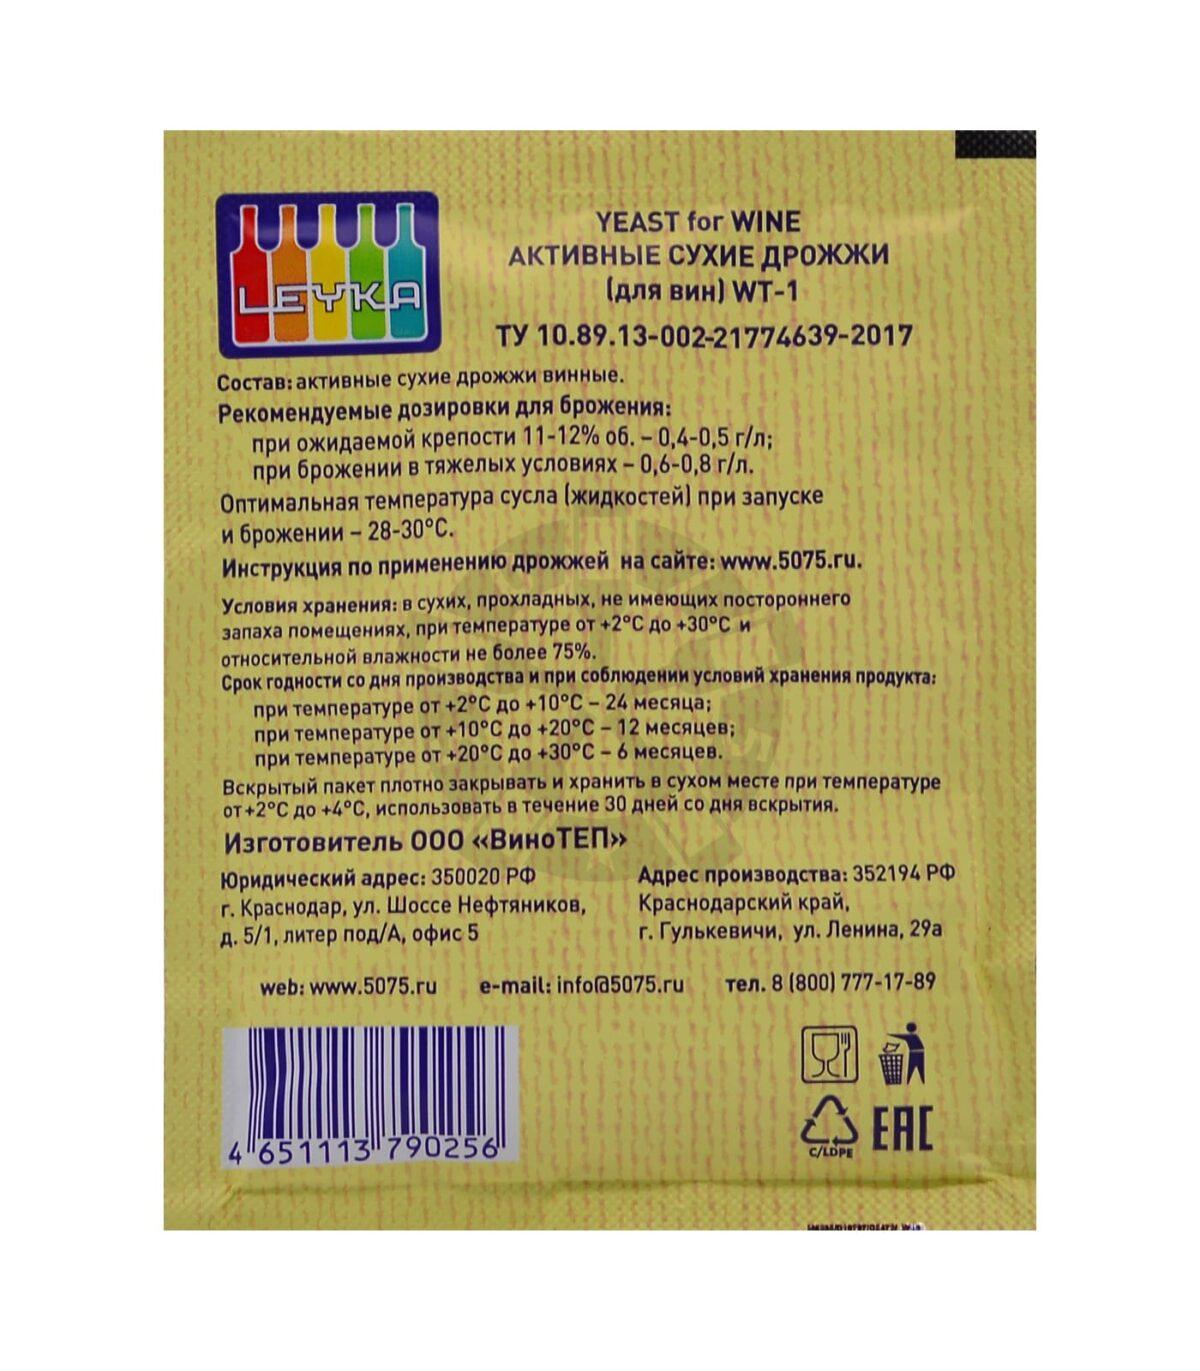 Активные сухие дрожжи (для вин) WT-1 LEYKA, 50 г